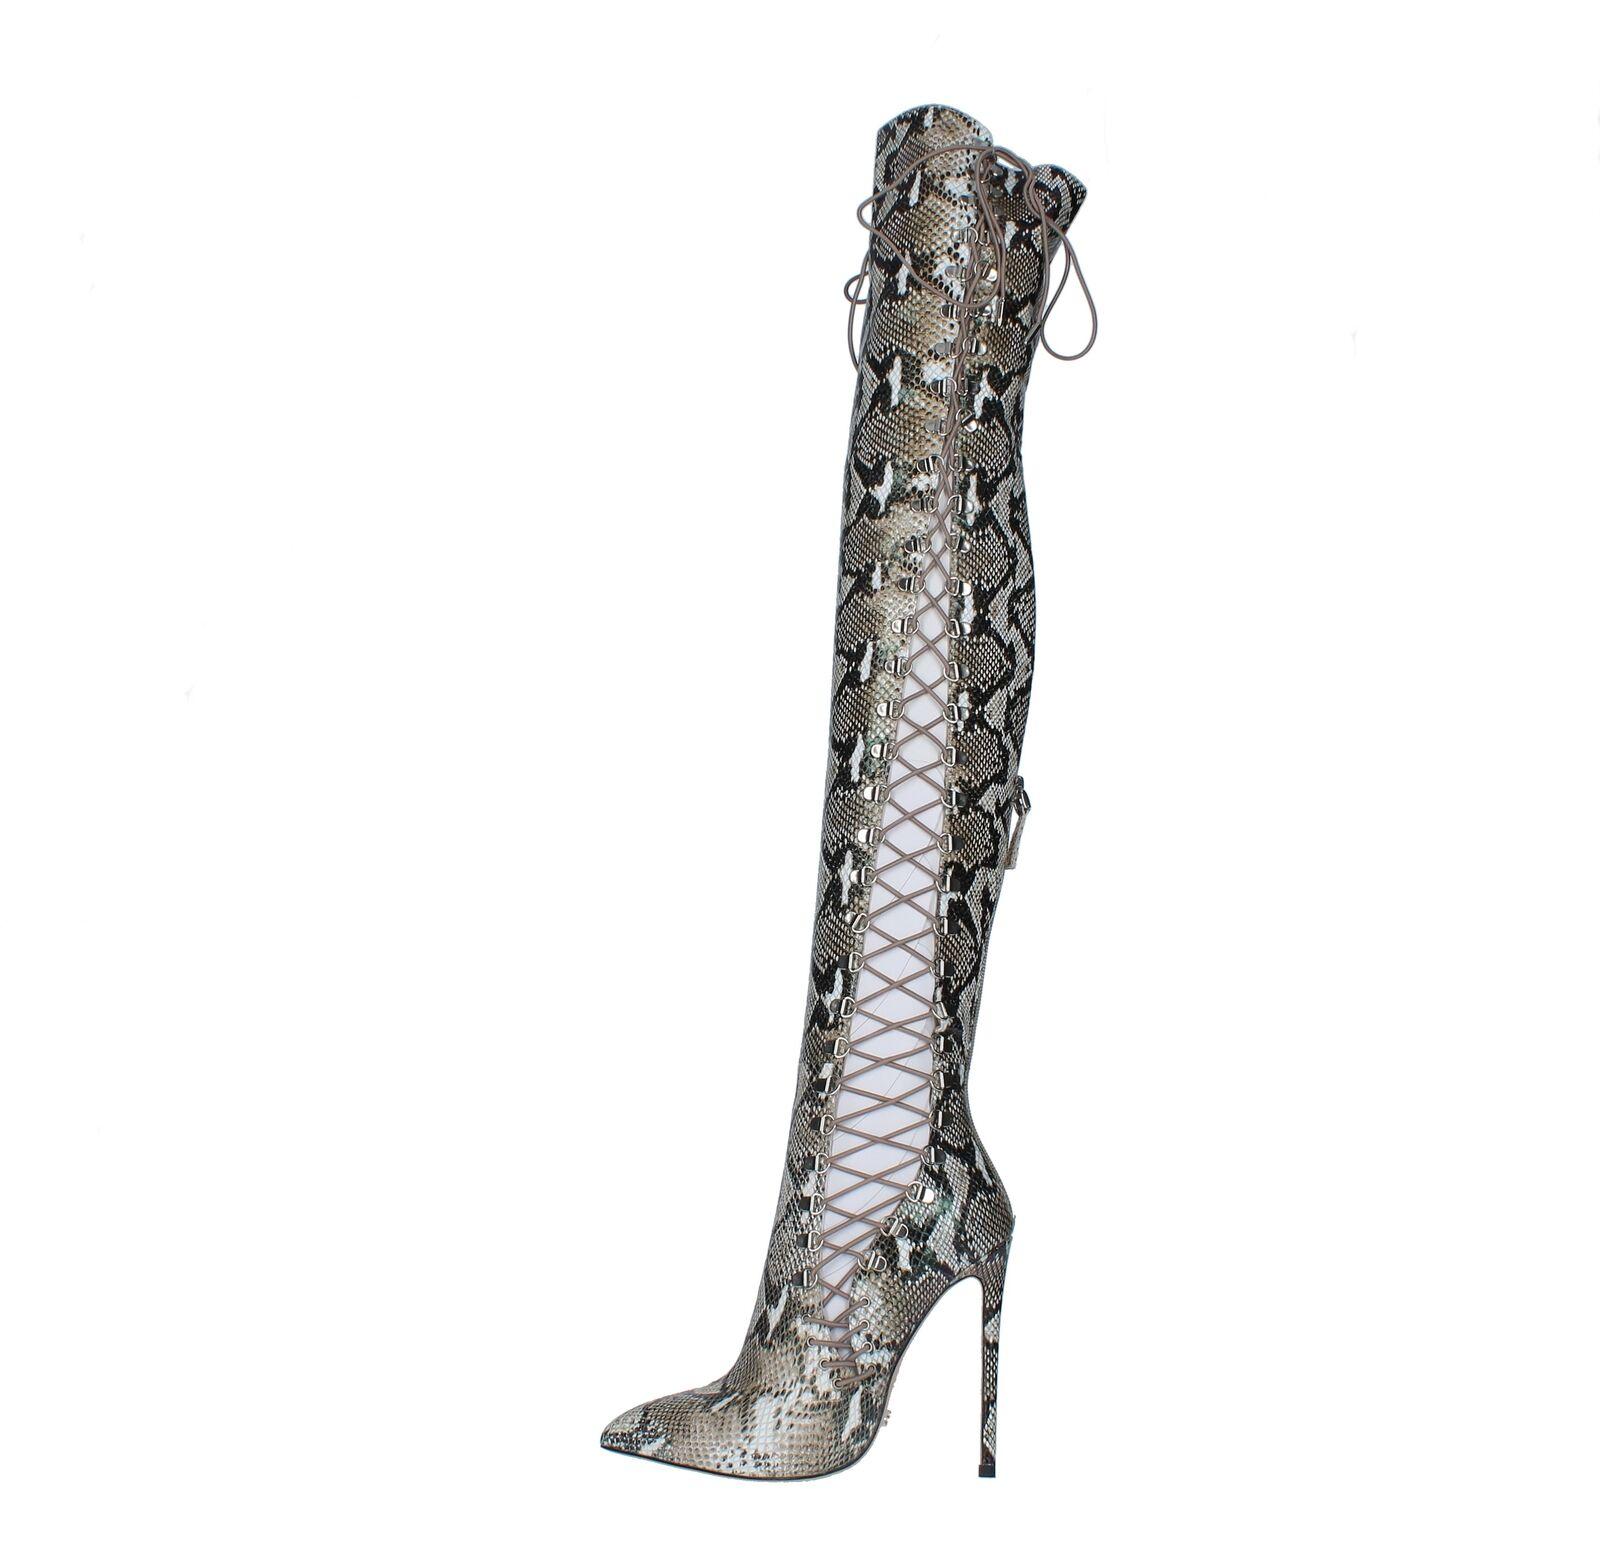 all'ingrosso economico e di alta qualità AMF4_GIAN Scarpe Scarpe Scarpe Cuissard GIANNI RENZI donna Multicolore  vendite calde